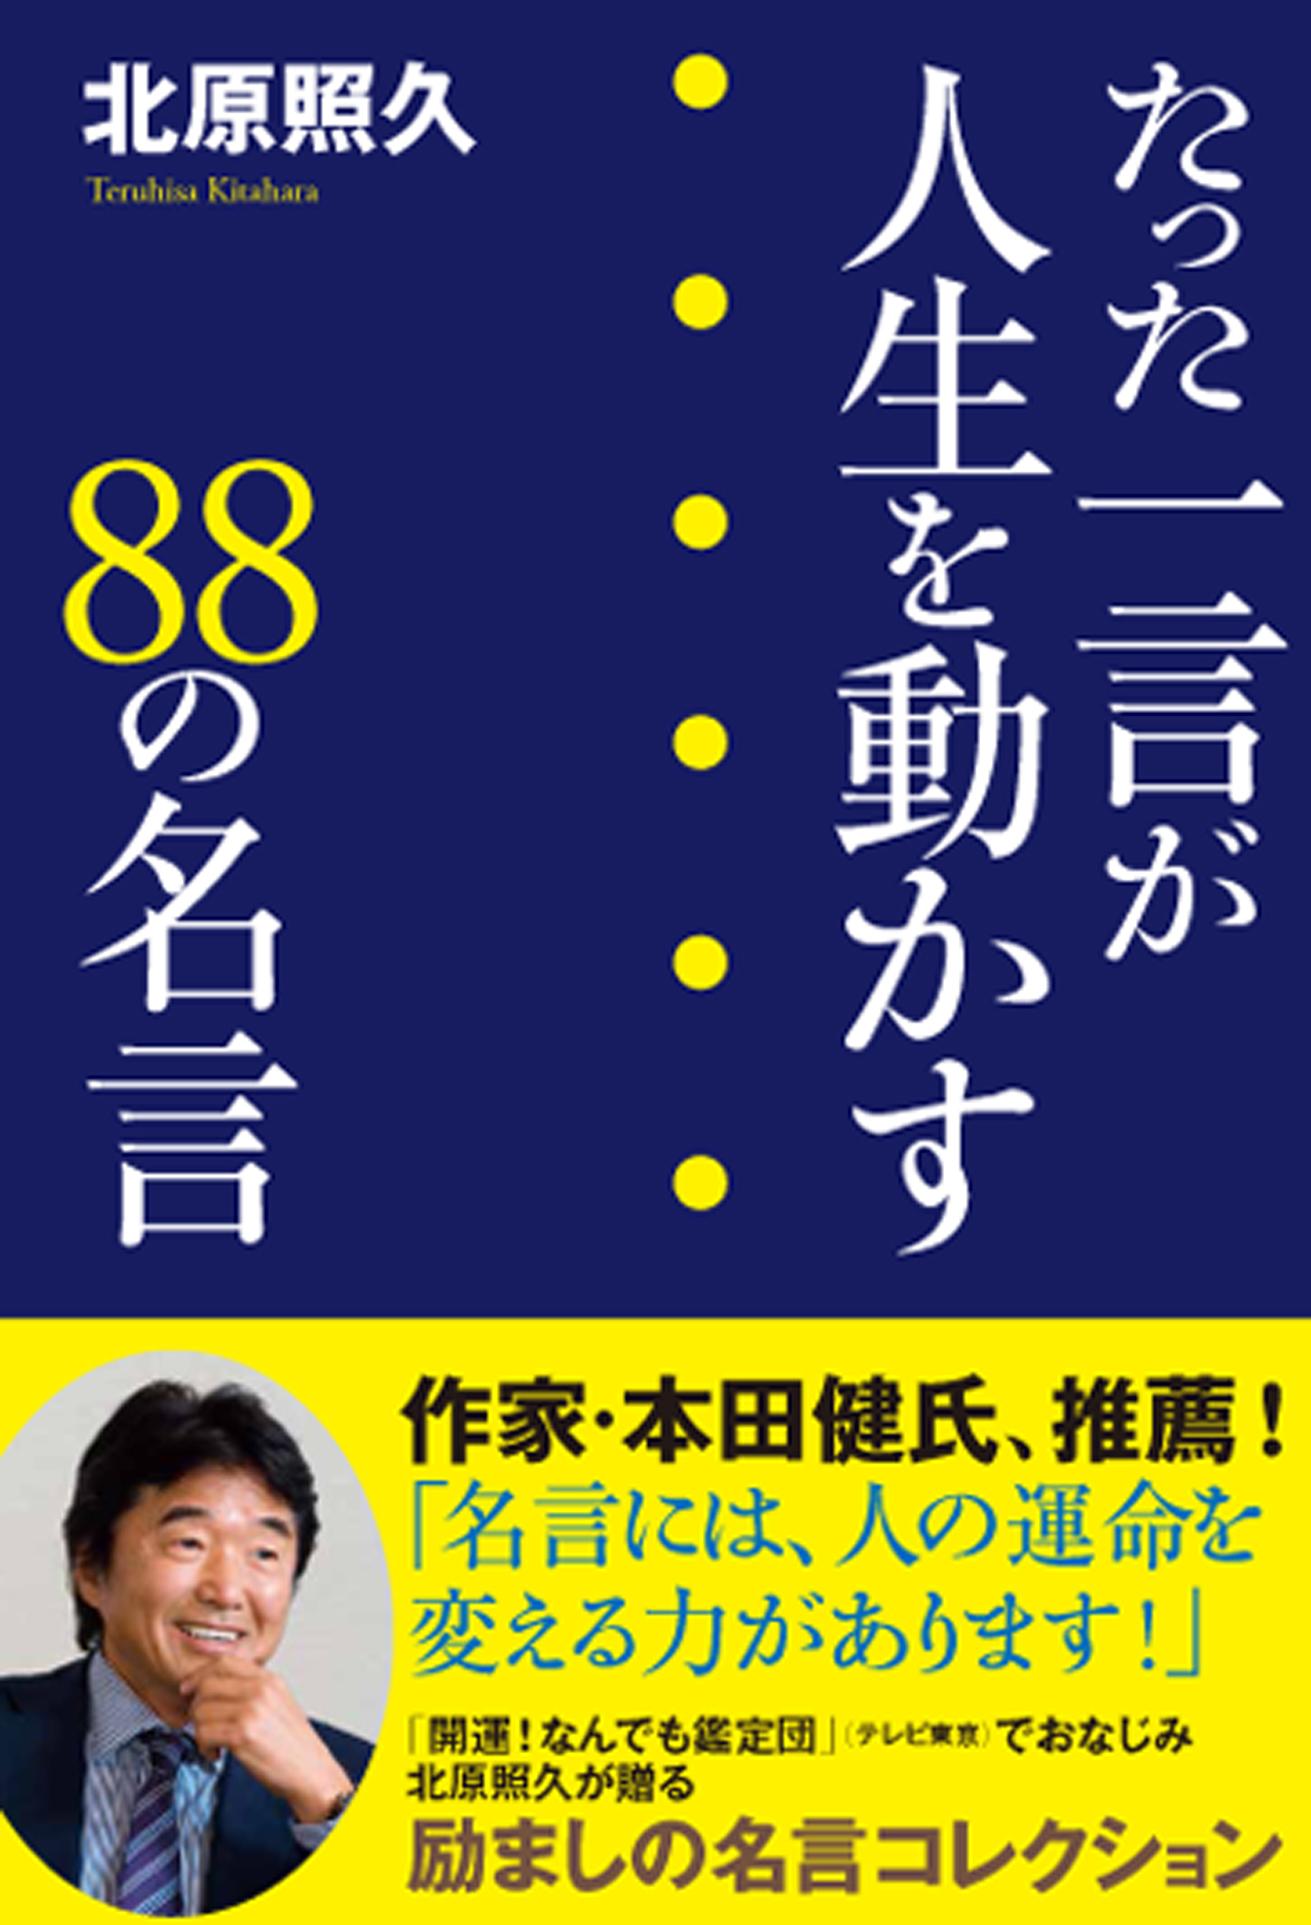 新刊のご案内>北原照久氏 著『たった一言が人生を動かす 88の名言』1 ...